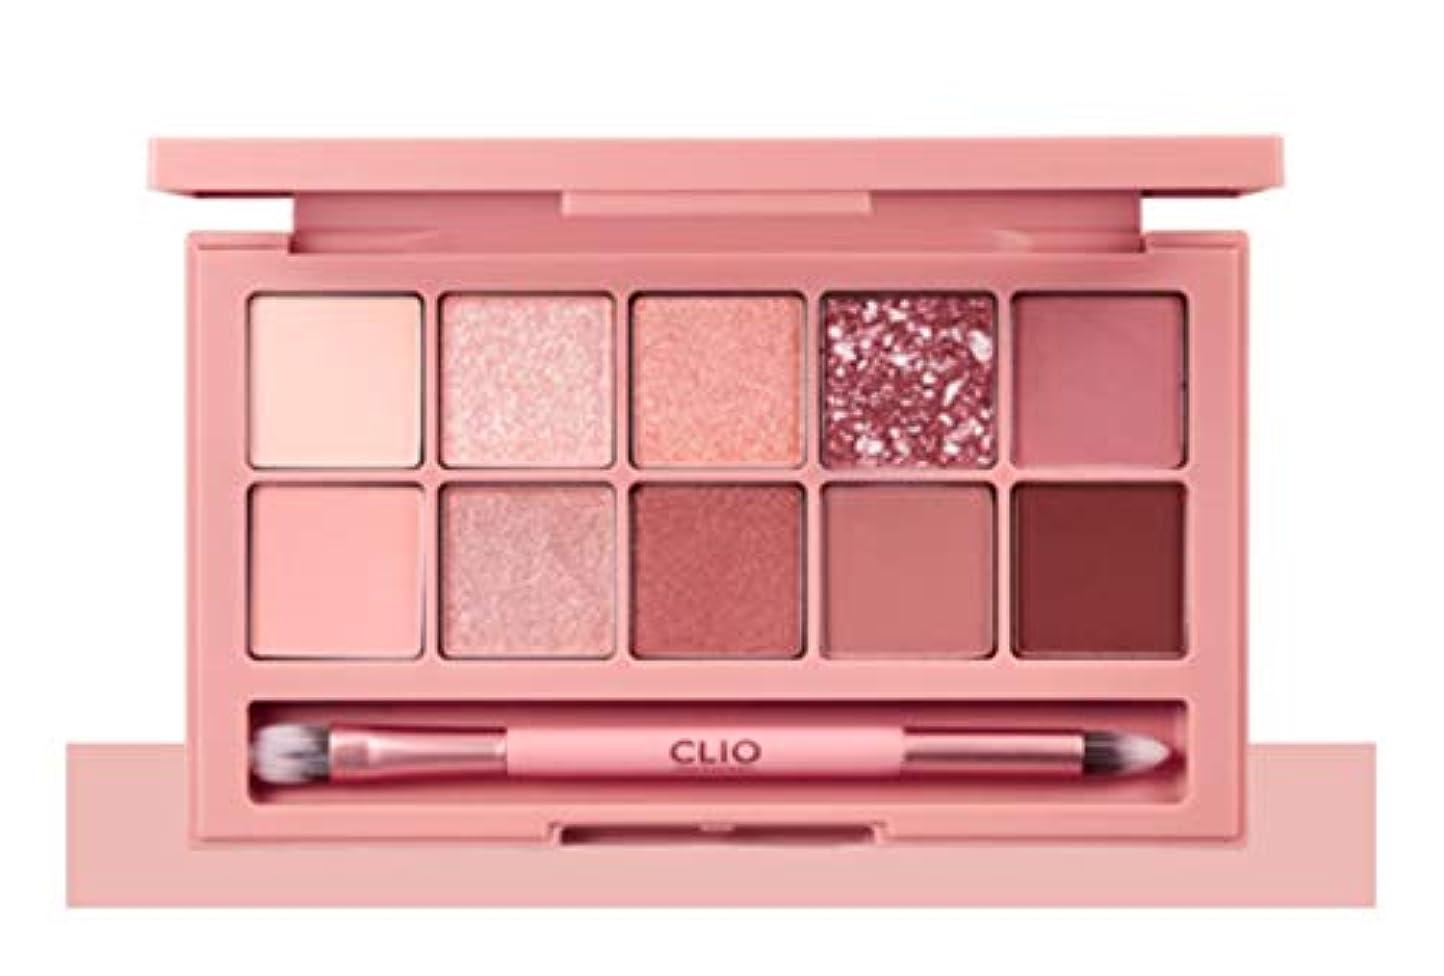 与える涙が出るチェリーCLIO Pro Eye Palette Simply Pink(simple&classic)告発色、高密着、告知の中独歩的な高クオリティアイシャドウパレット10color(並行輸入品)